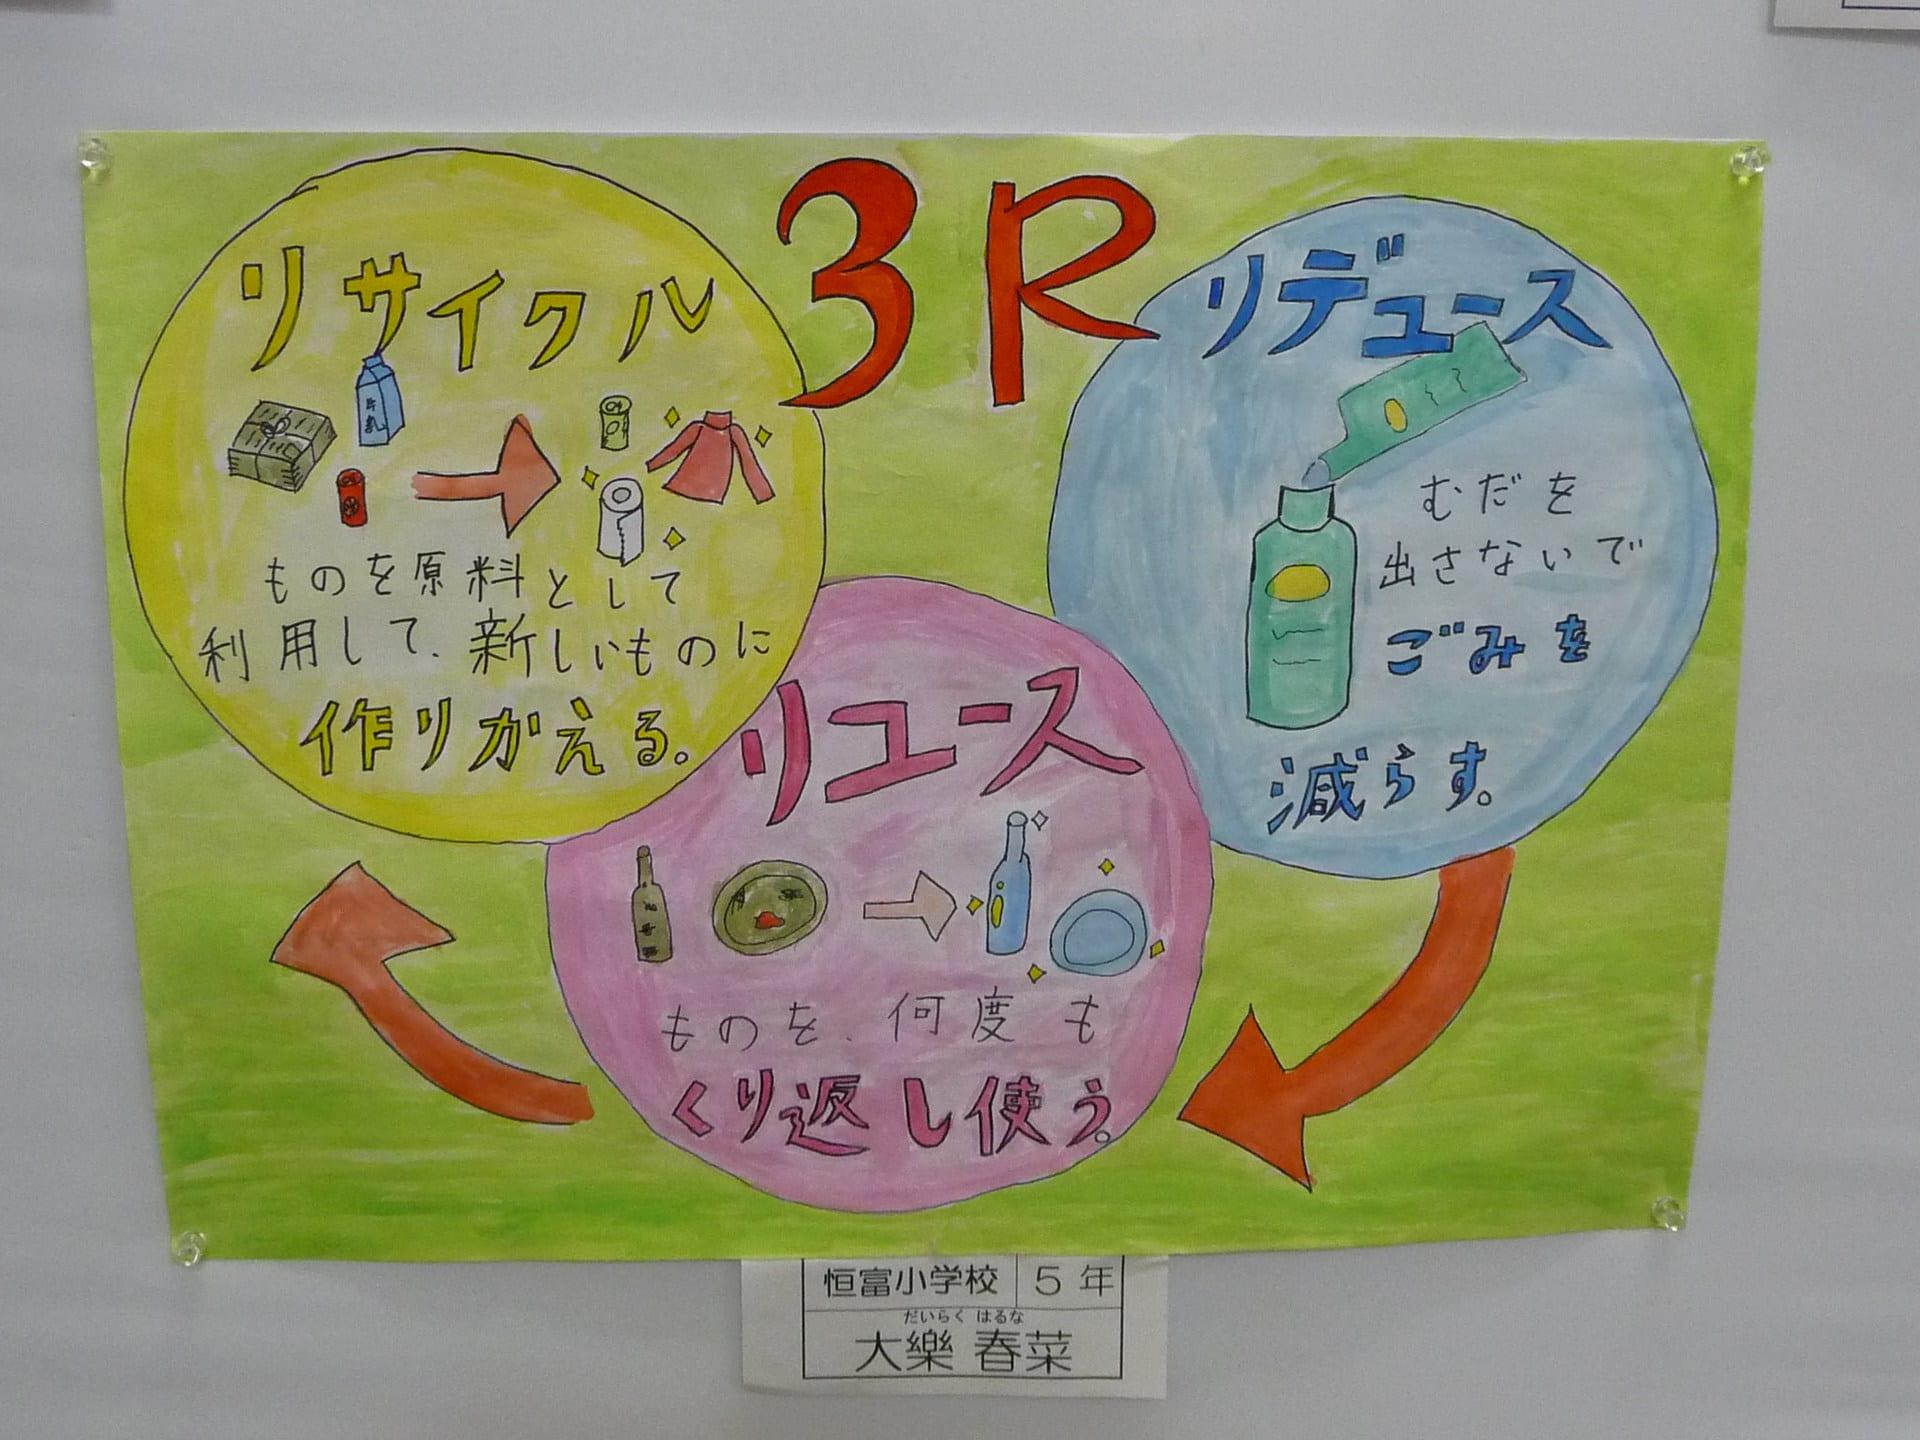 ごみ の 減量 と リサイクル